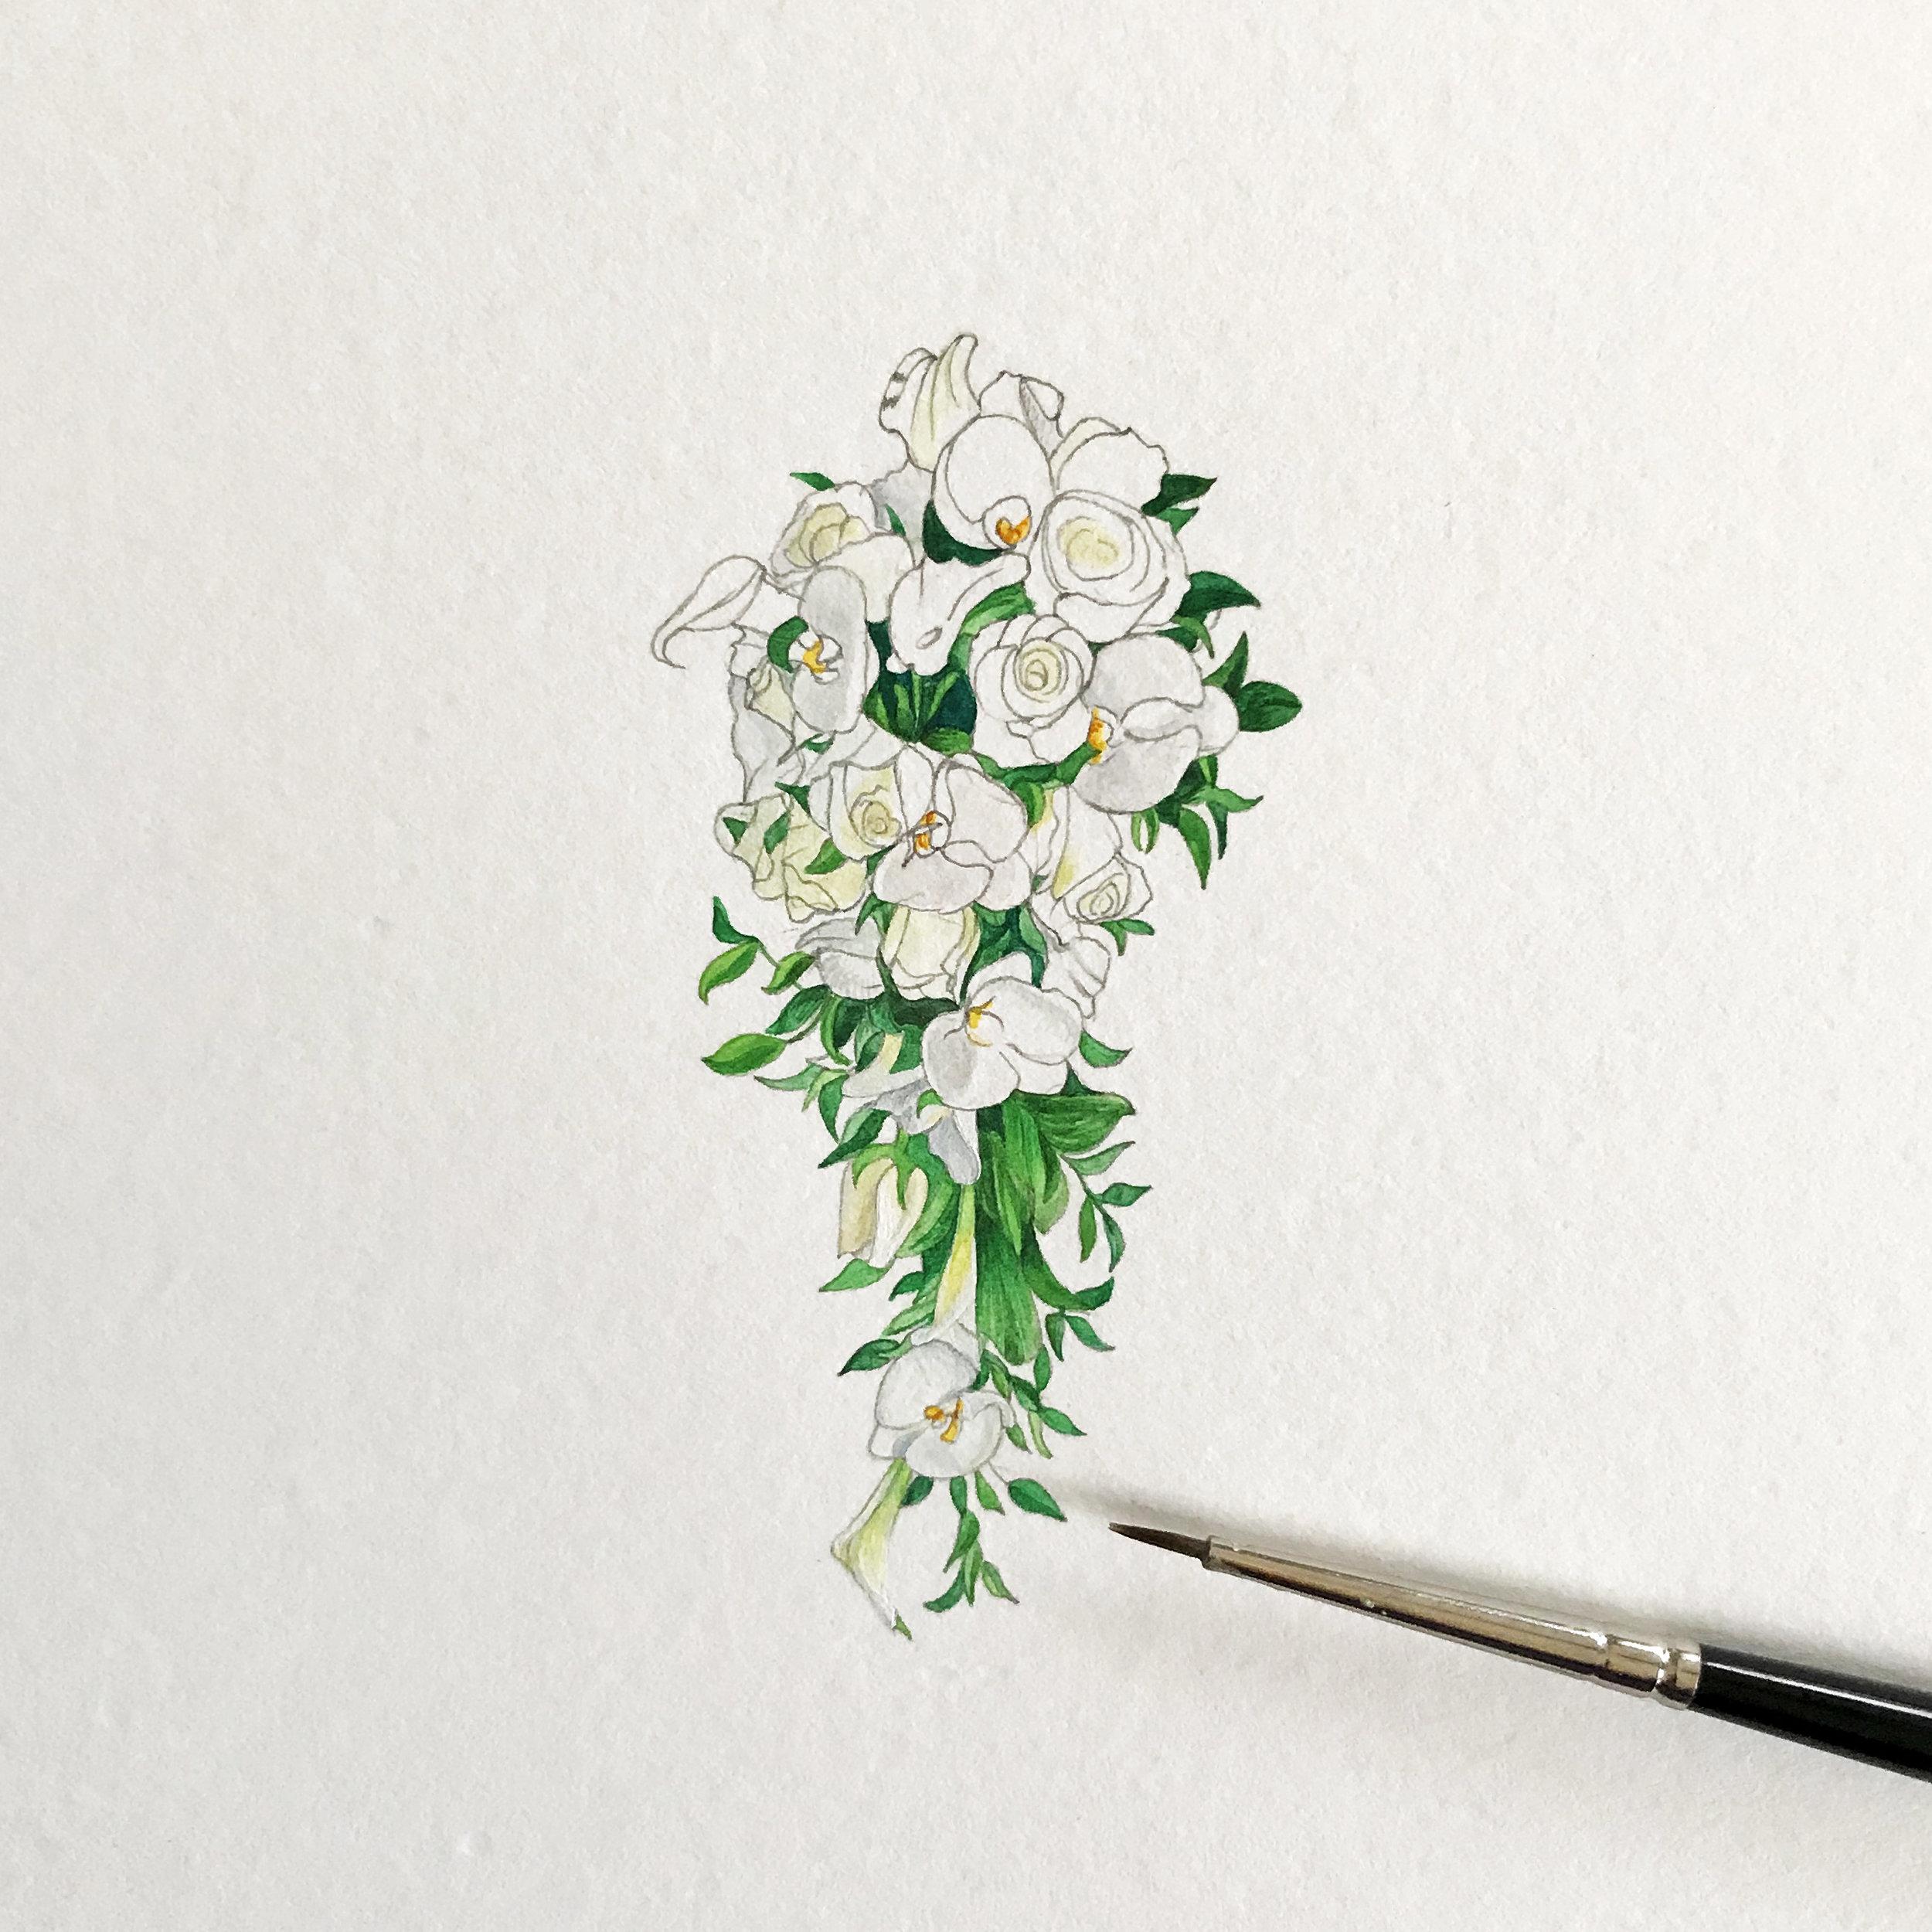 LaleGuralp_Bouquet_B3.jpg